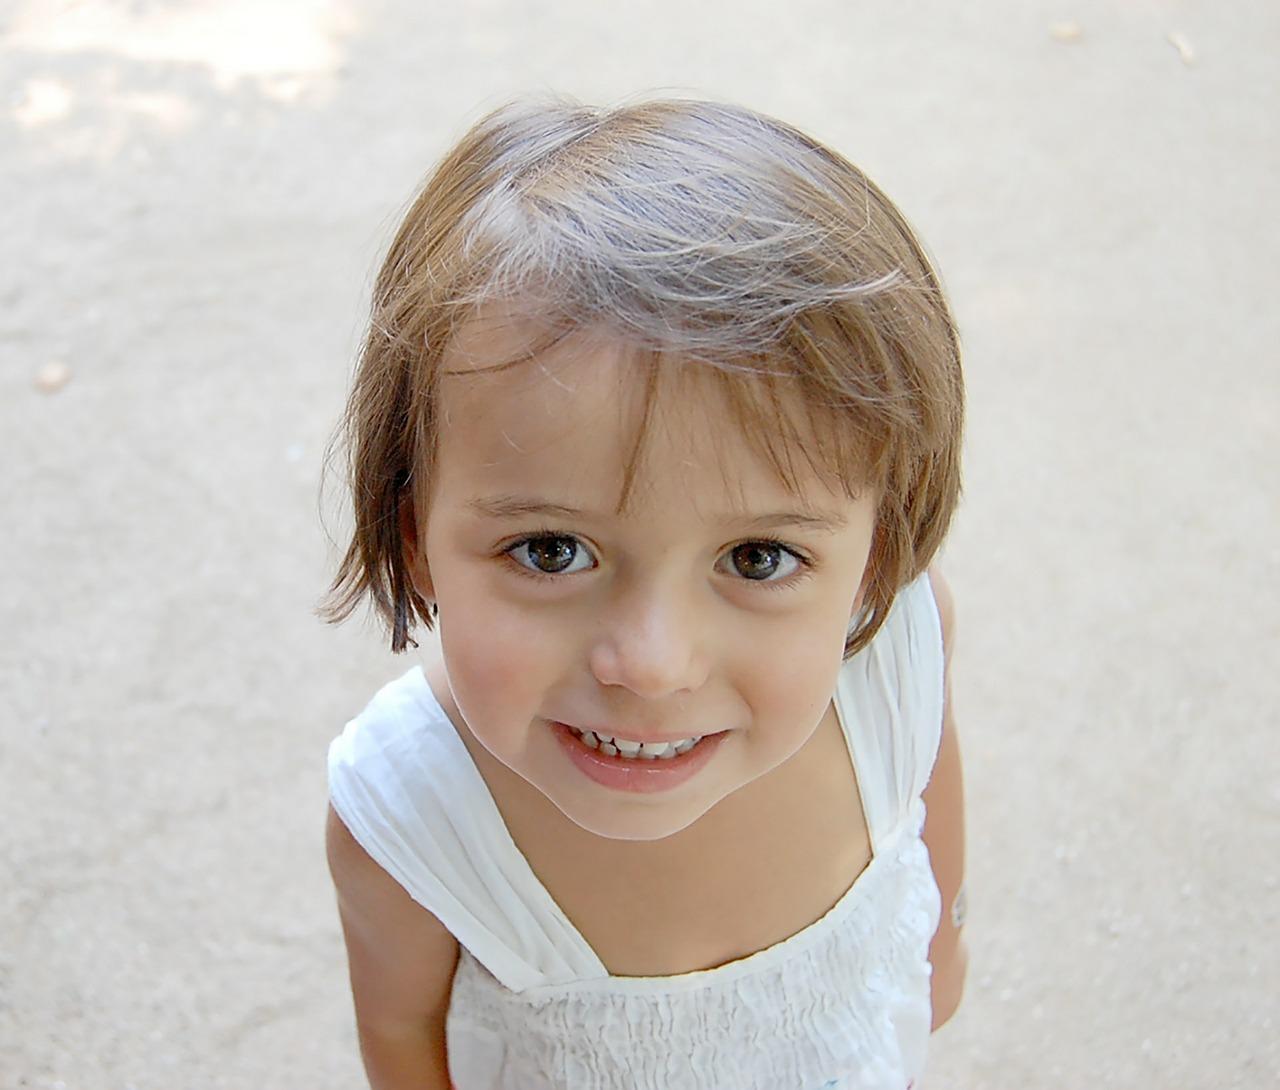 ショック!一歳半の子供に虫歯が・・・!!原因は何なの?